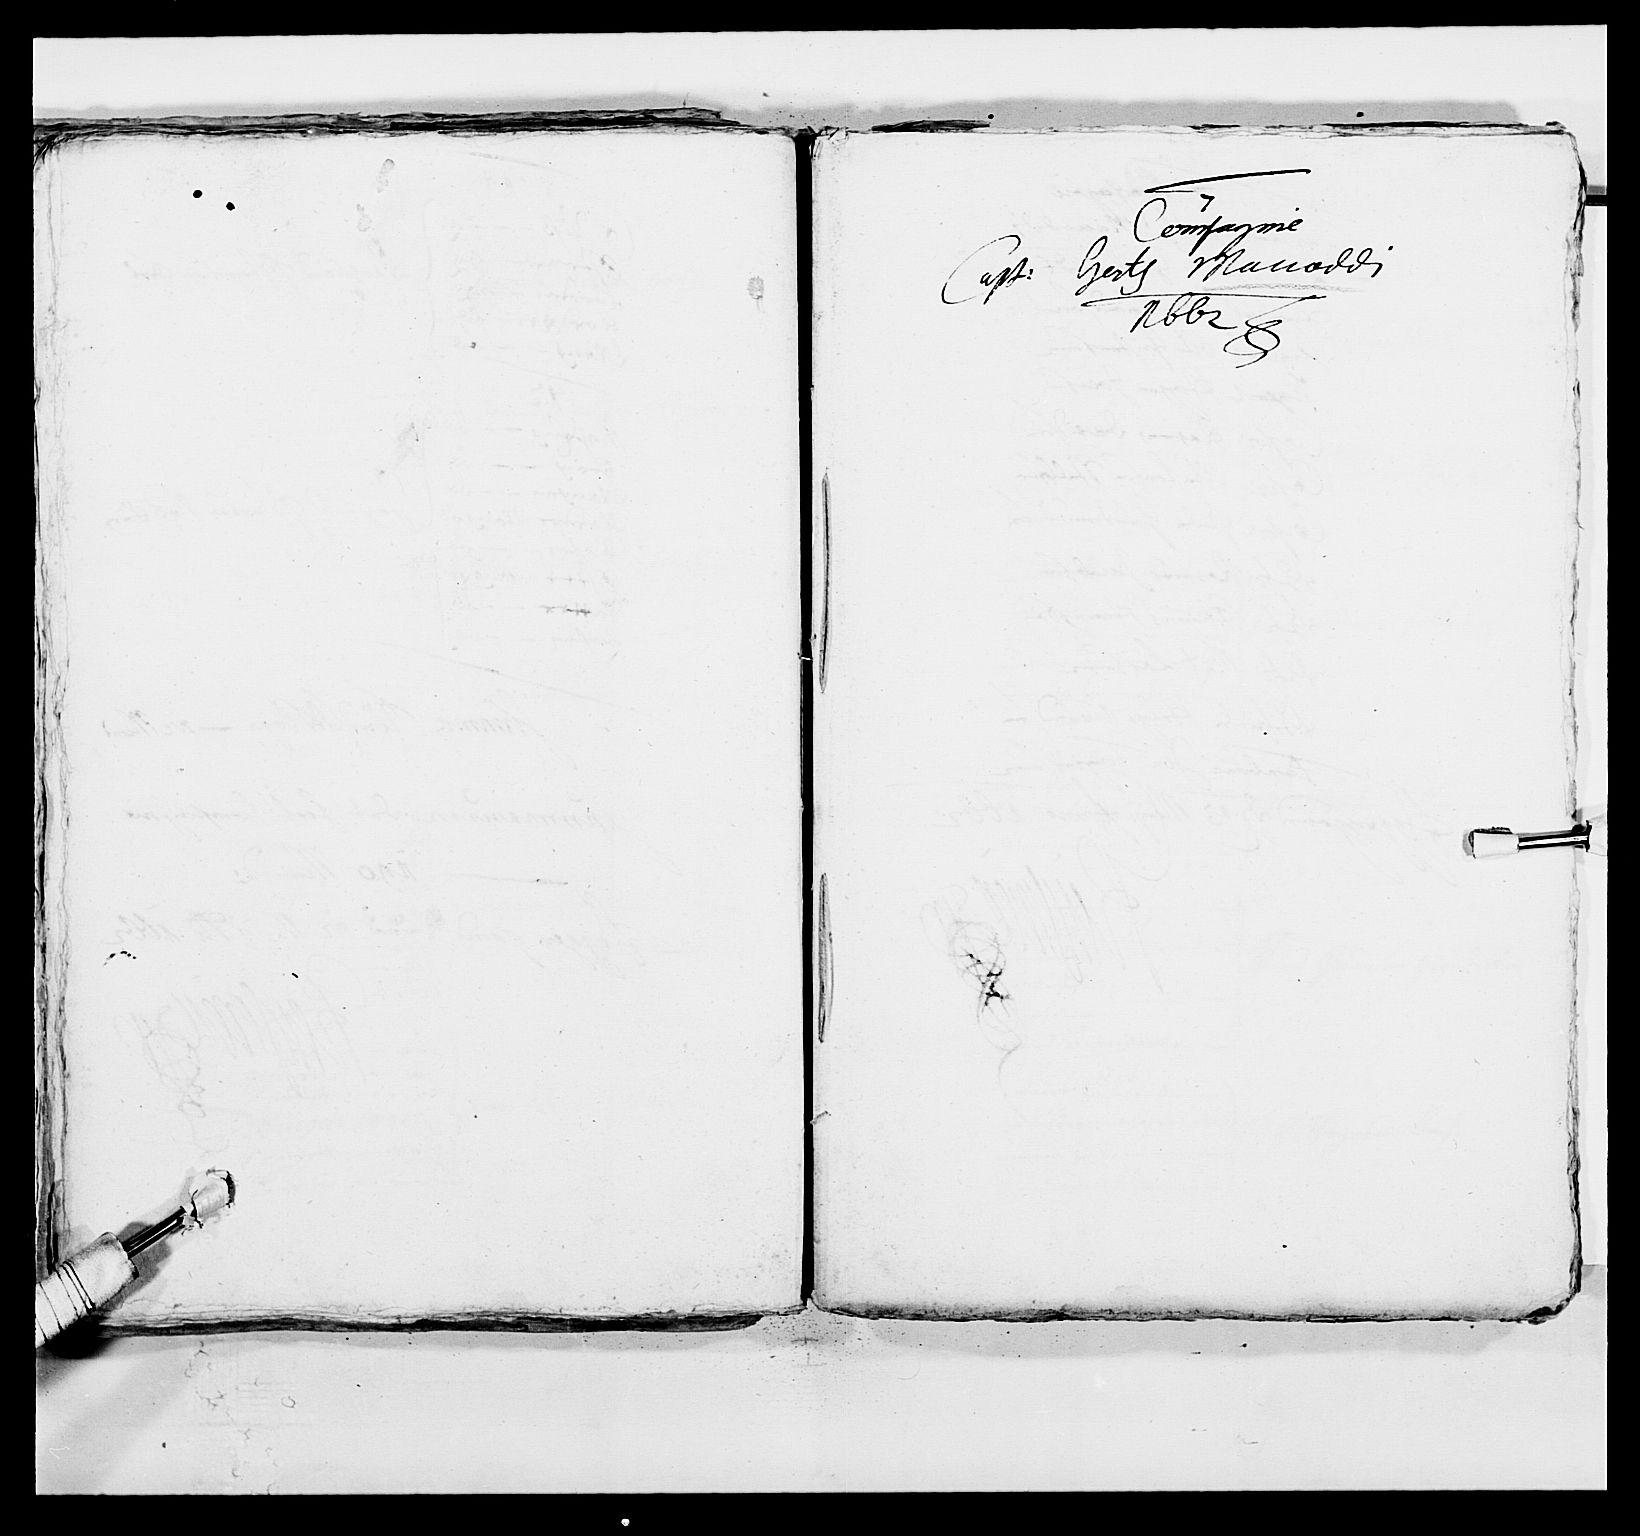 RA, Kommanderende general (KG I) med Det norske krigsdirektorium, E/Ea/L0498: Opplandske regiment, 1662-1689, s. 99